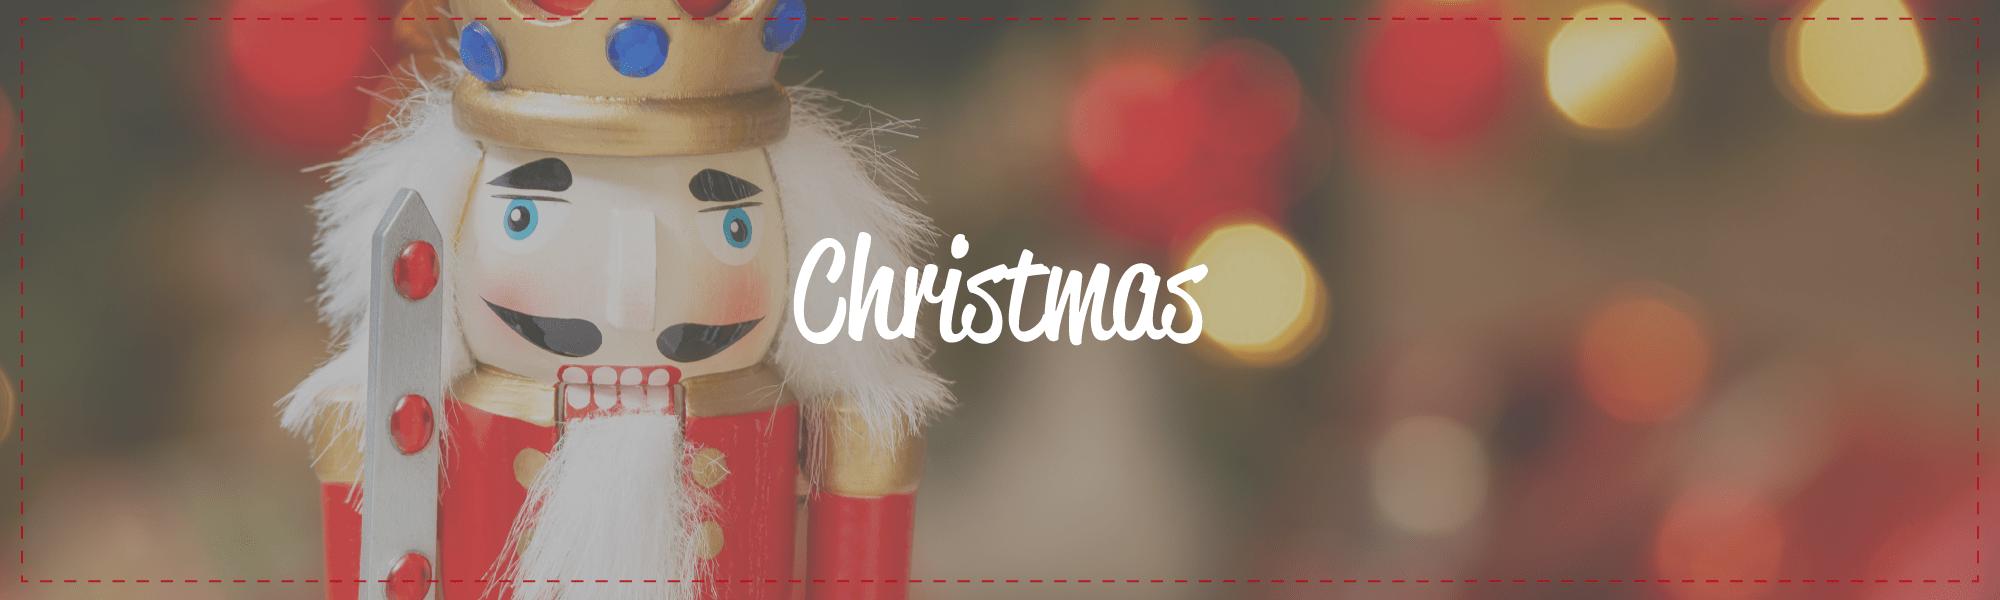 Mangelsen's Christmas